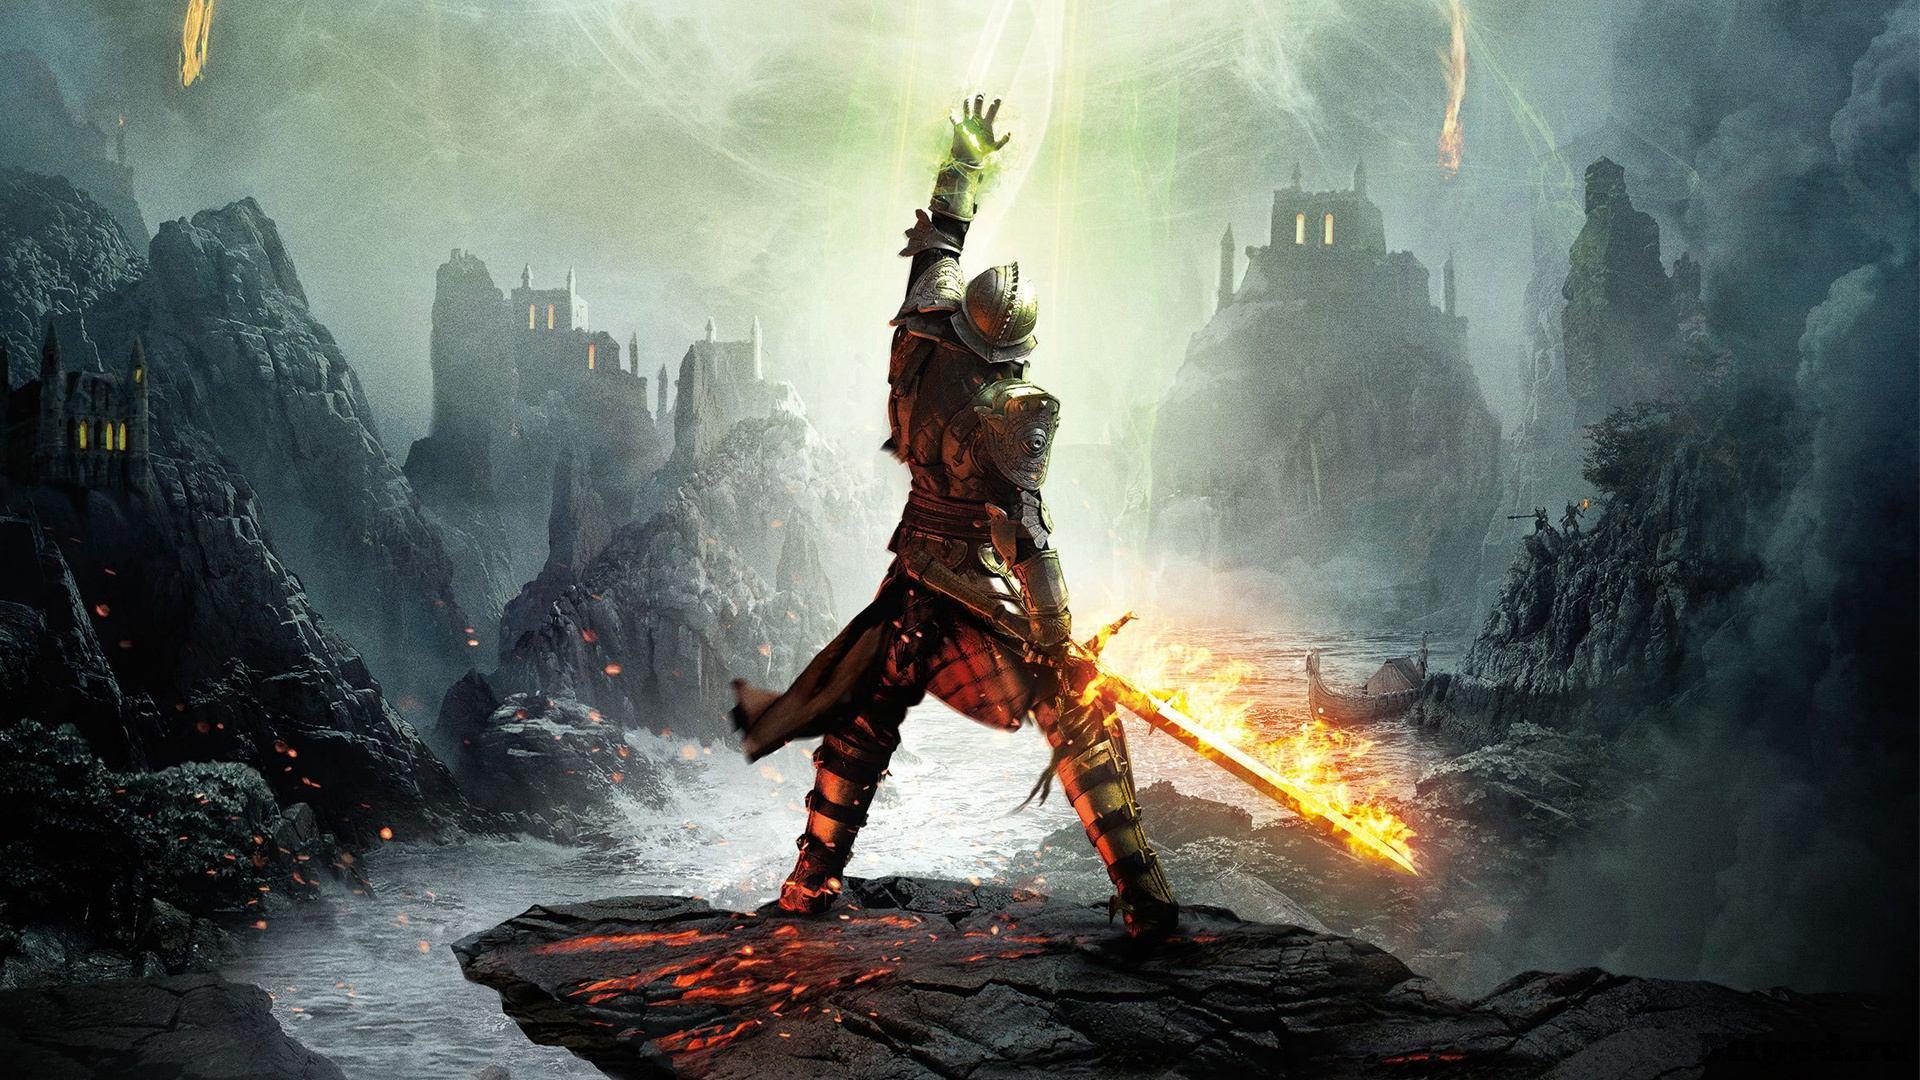 скачать приложение origin для dragon age inquisition